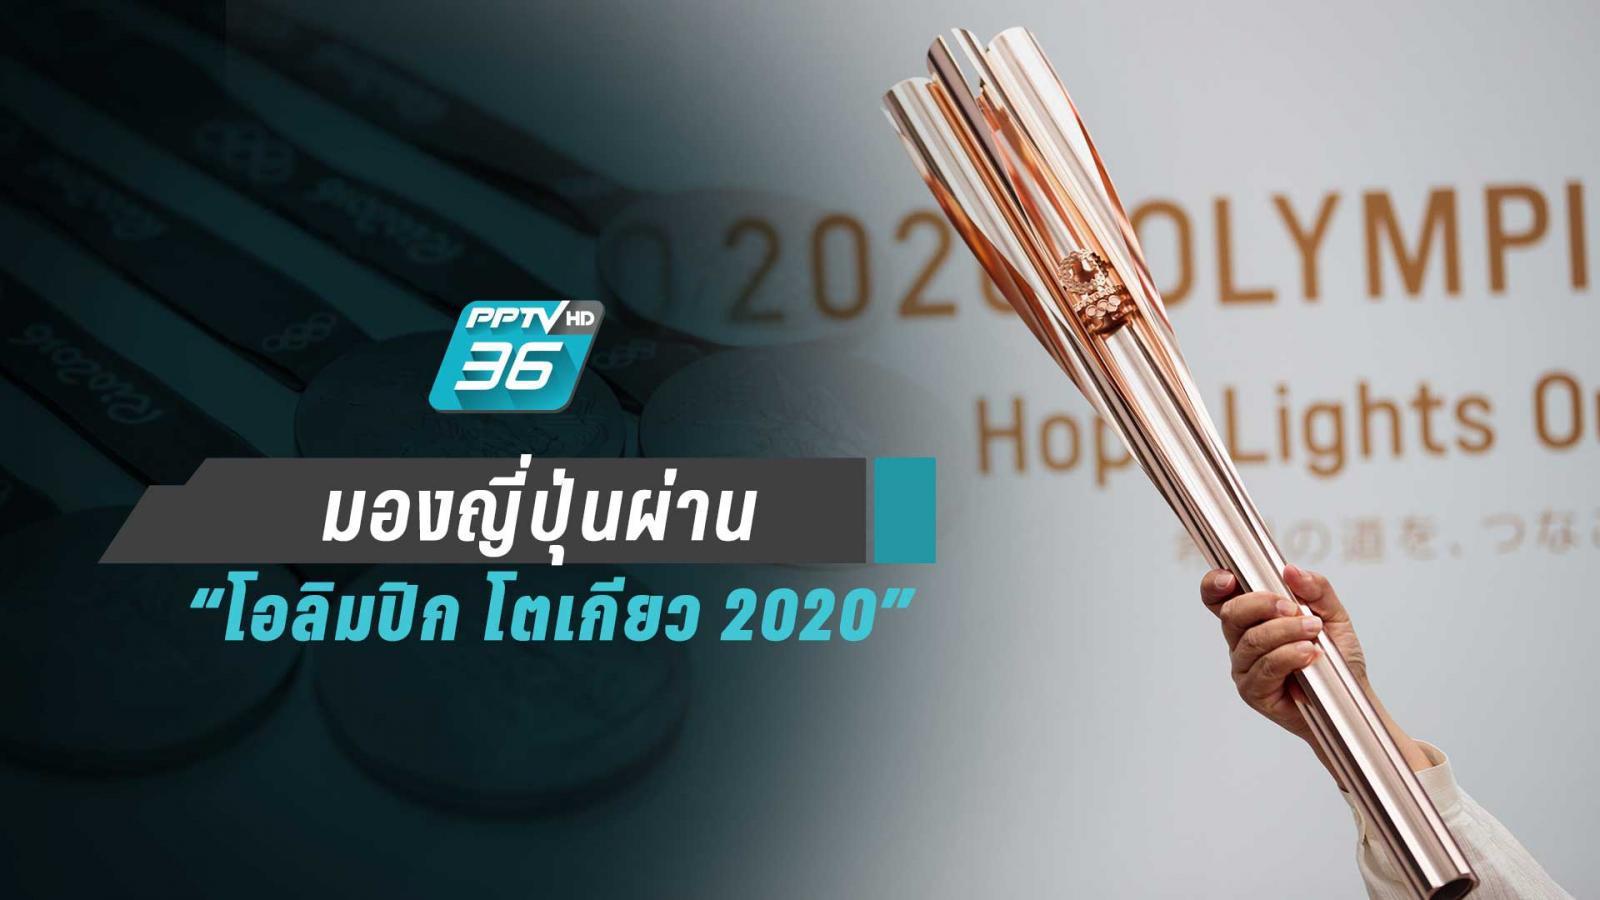 """คบเพลิง-เหรียญรางวัล """"โอลิมปิก โตเกียว 2020"""" ทุกส่วนล้วนมีความหมายและคุ้มค่า"""